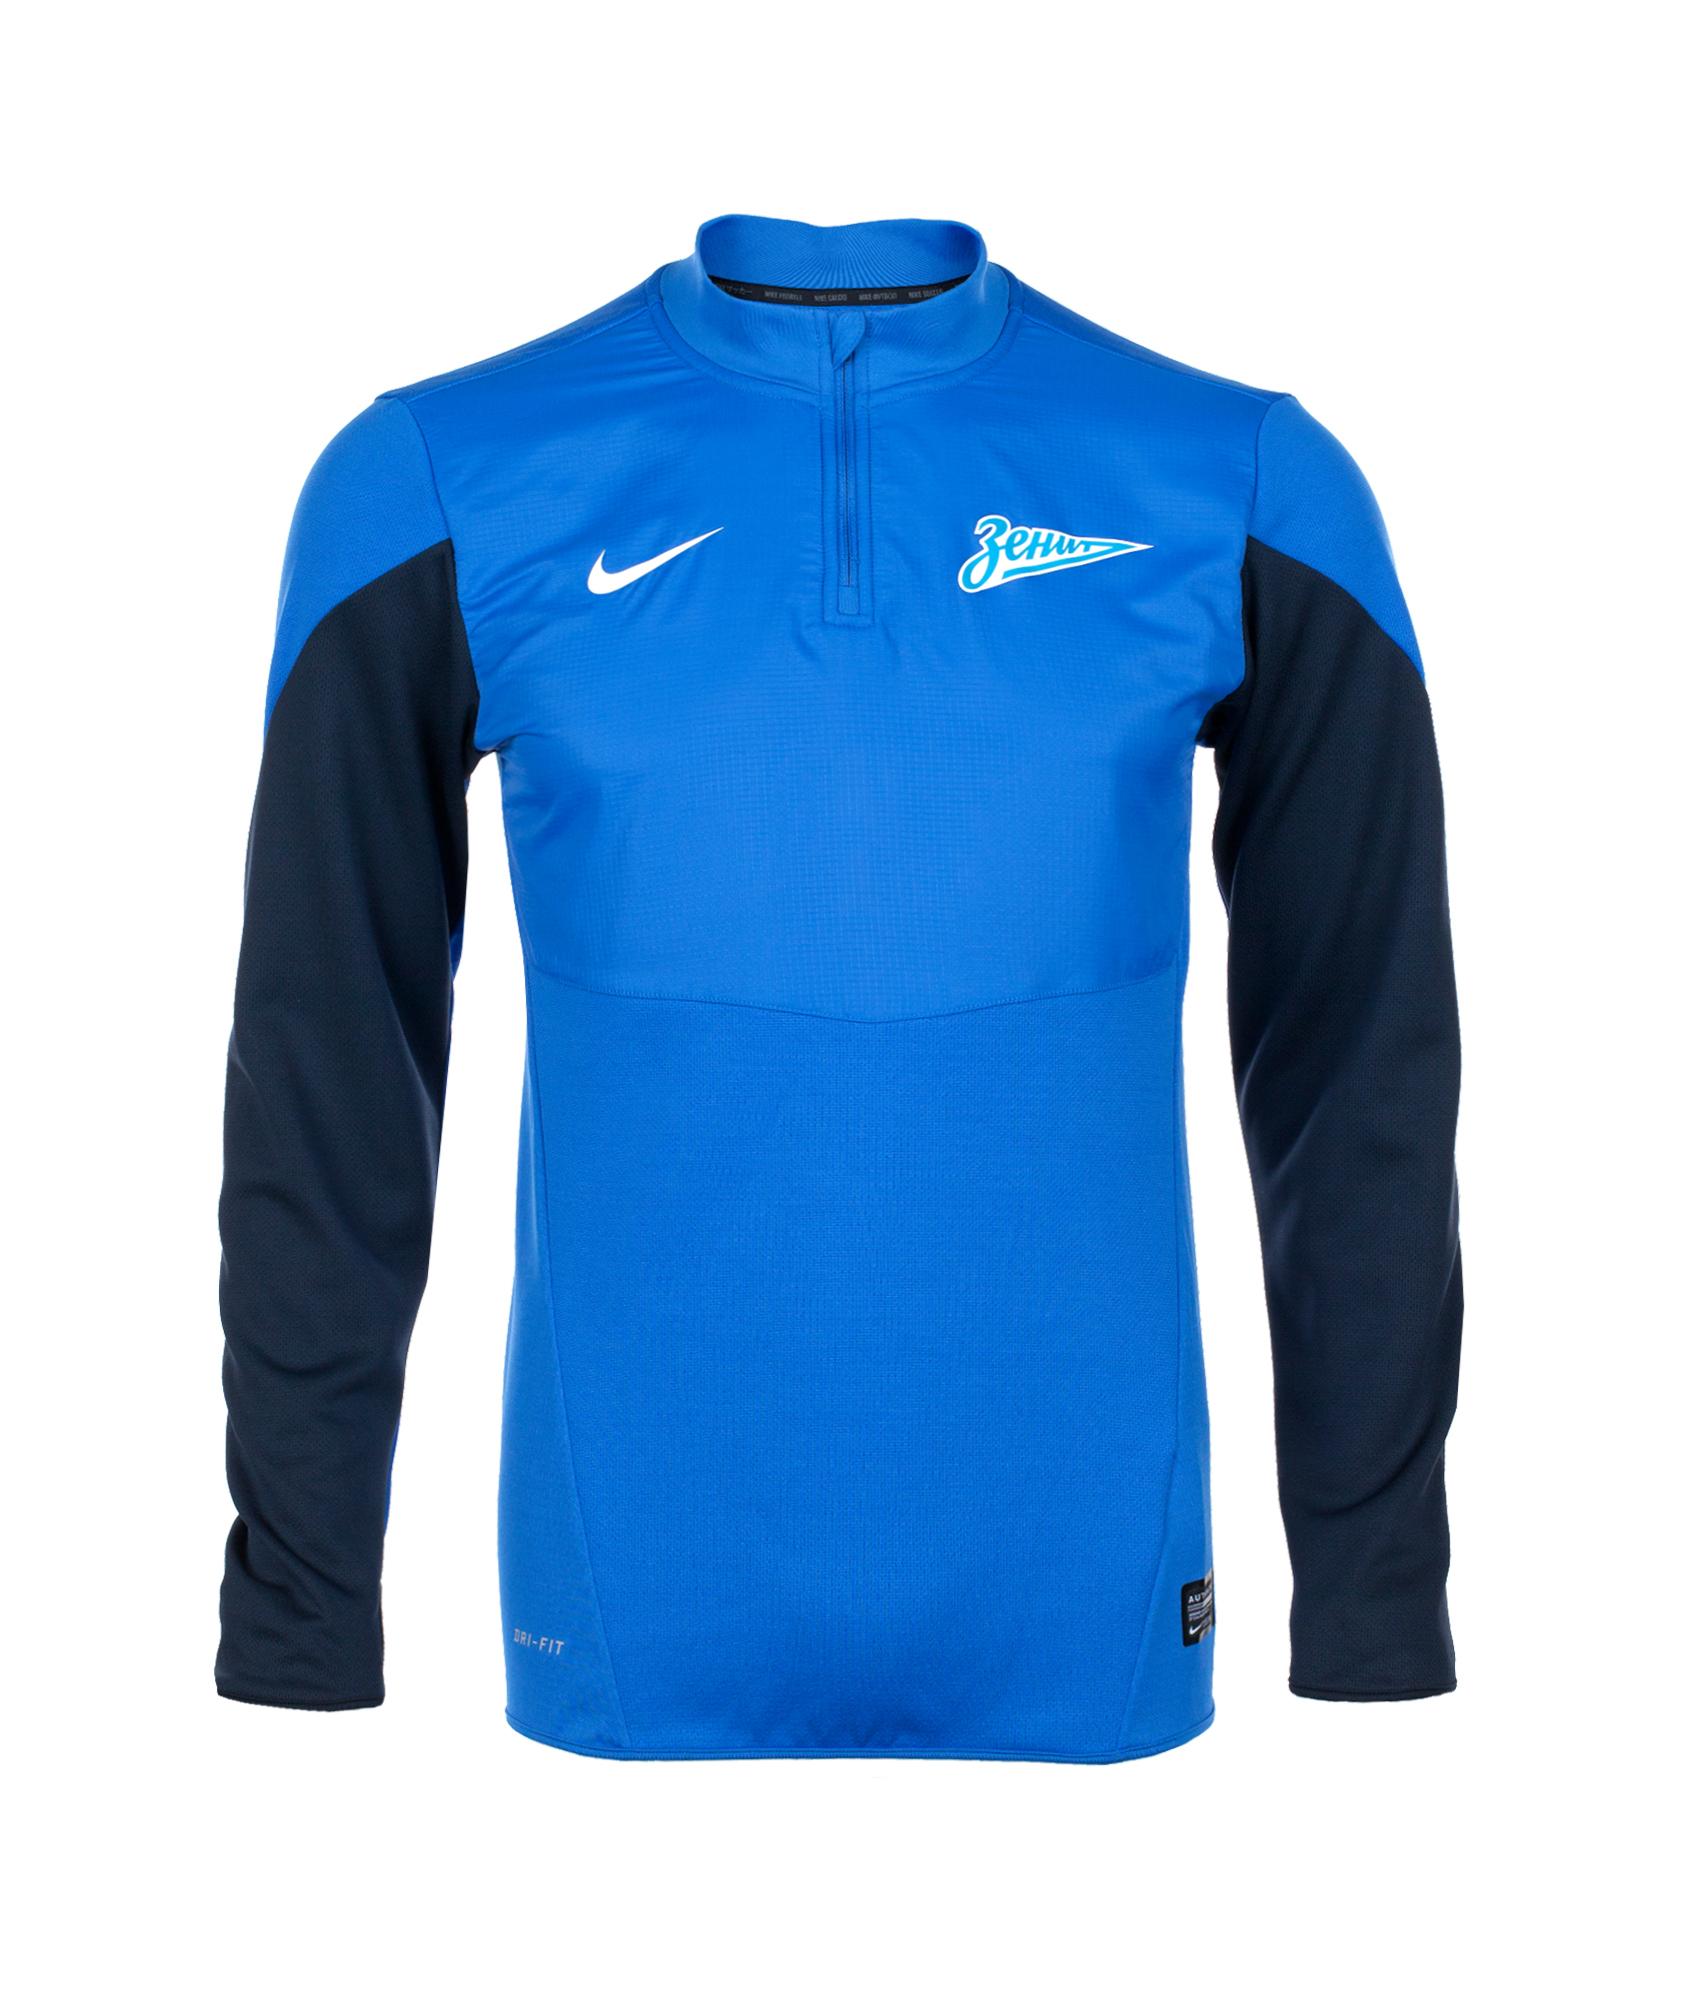 Джемпер тренировочный Nike Zenit Select LS Midlayer, Цвет-Синий, Размер-M